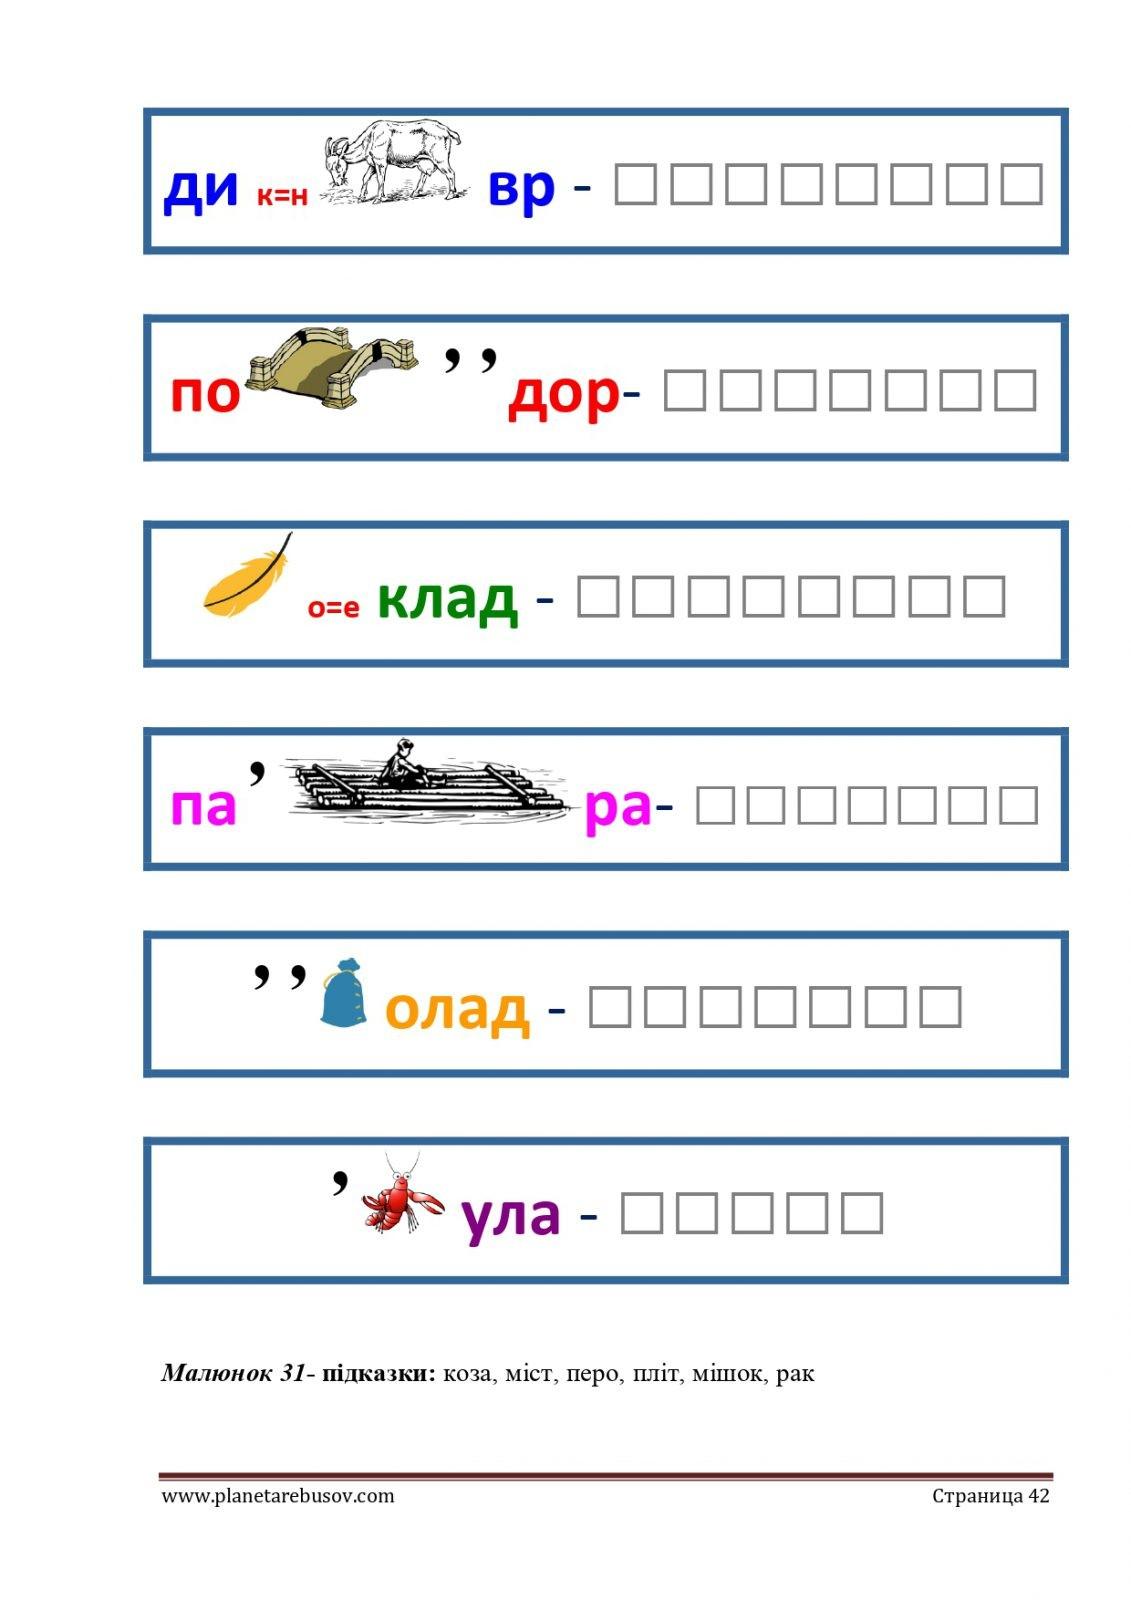 Ребусы на украинском. Уровень 2 — стр 42